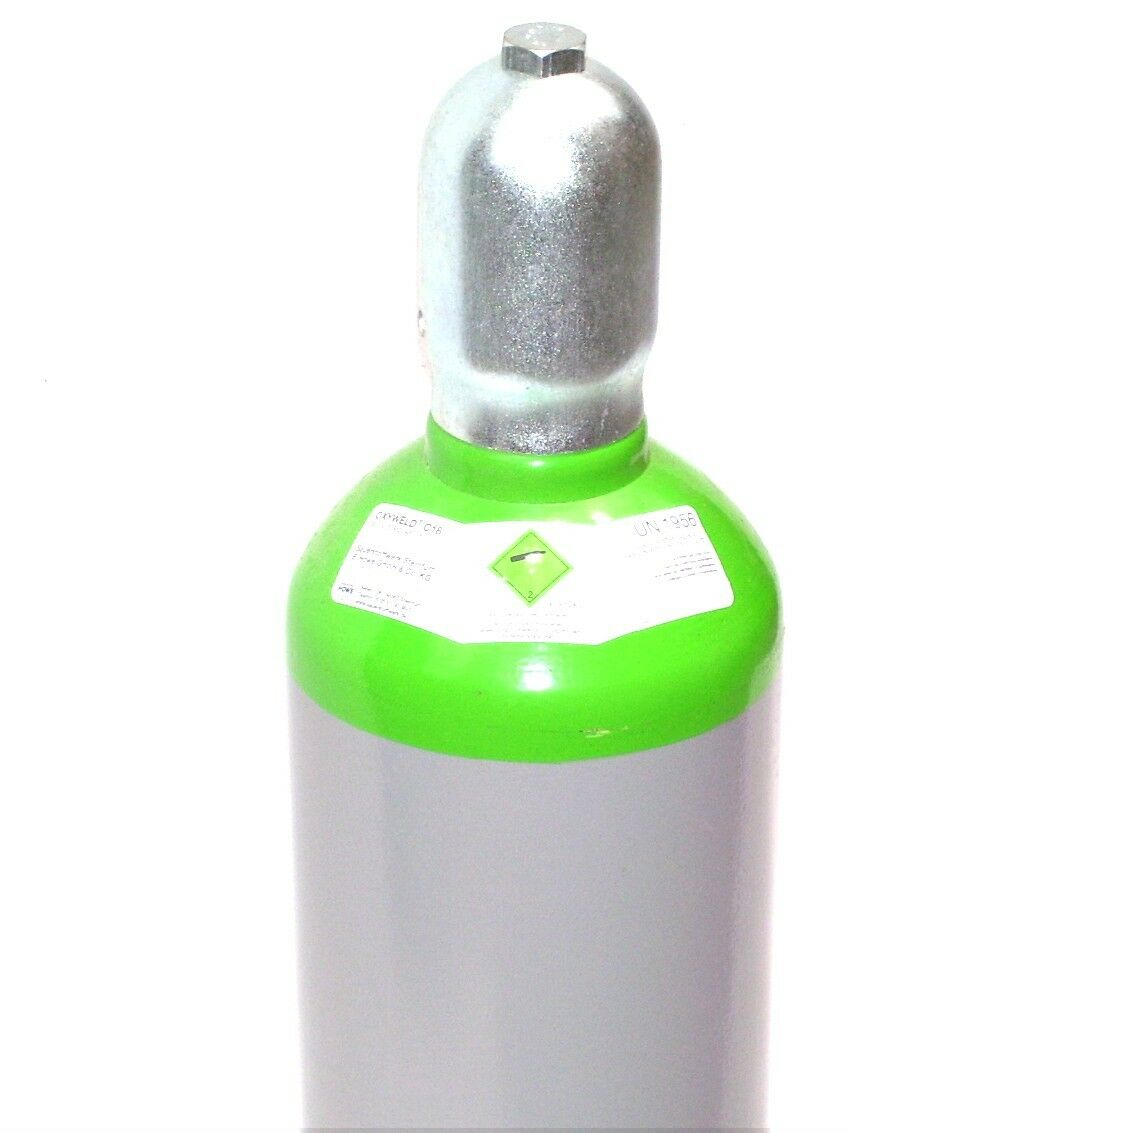 20l Schweißgas 82/18 Schutzgasflasche Schutzgas Gasflasche 20 ltr MIG MAG Gas